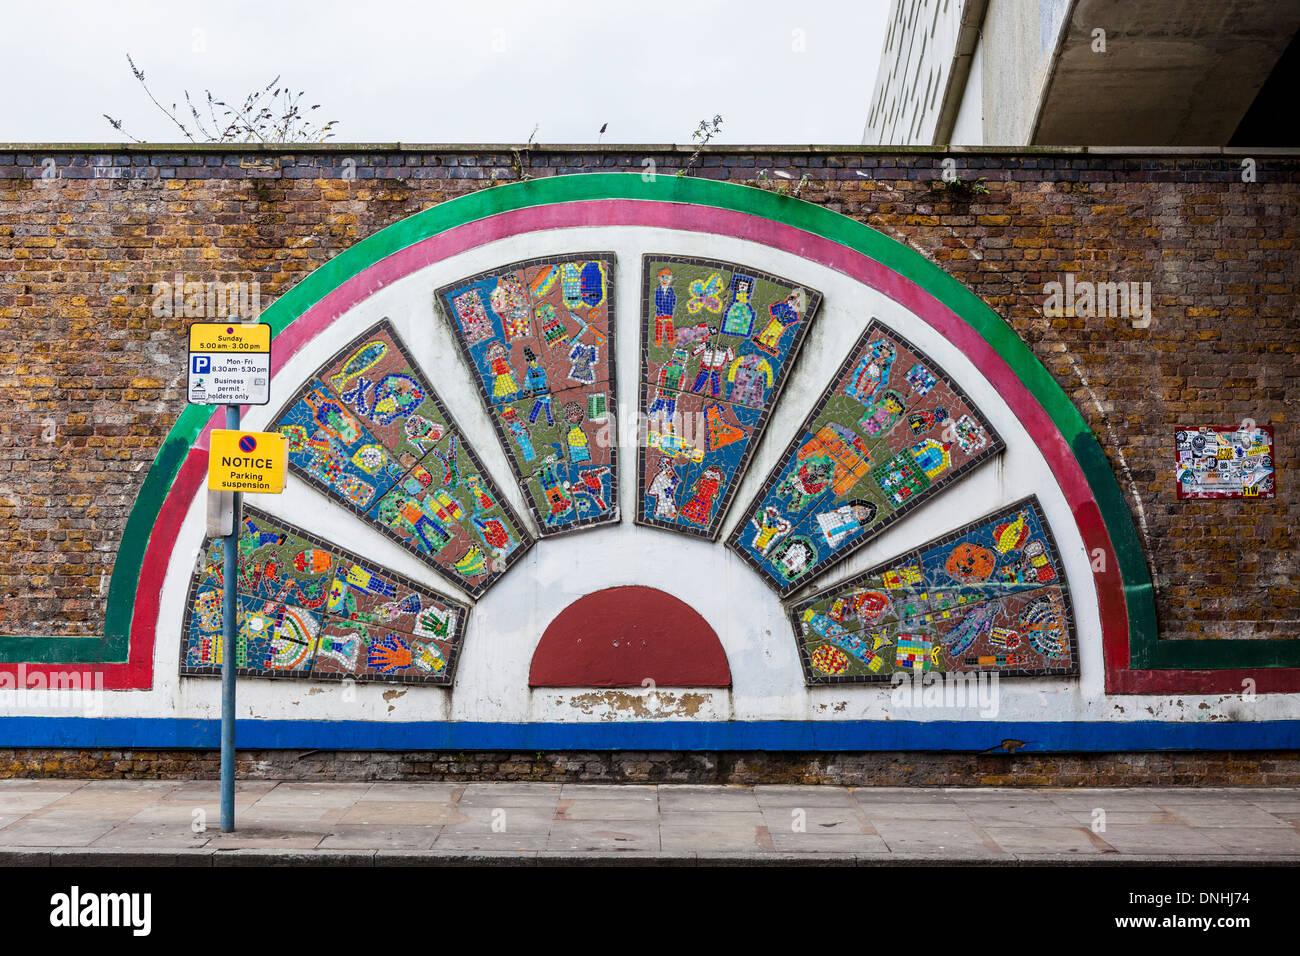 Buntes Mosaik in Brick Lane, die Palette der Religionen in der Gemeinschaft von Kindern der örtlichen Schulen, London Stockbild